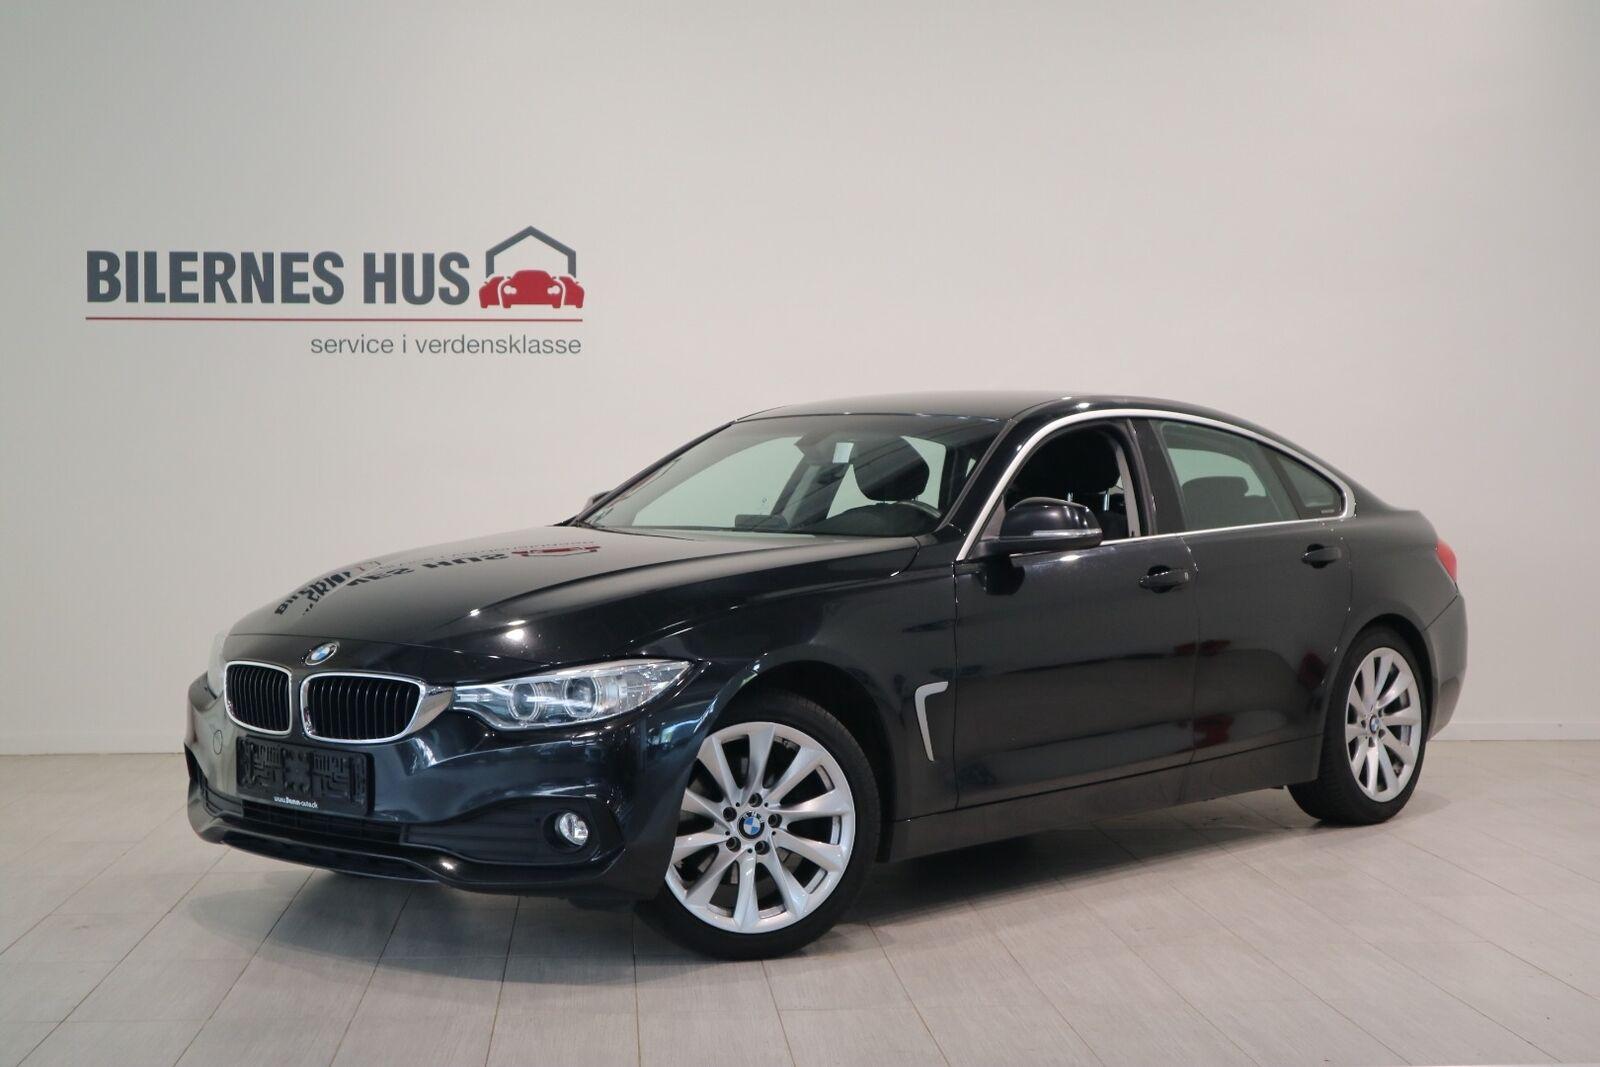 BMW 420d Billede 1